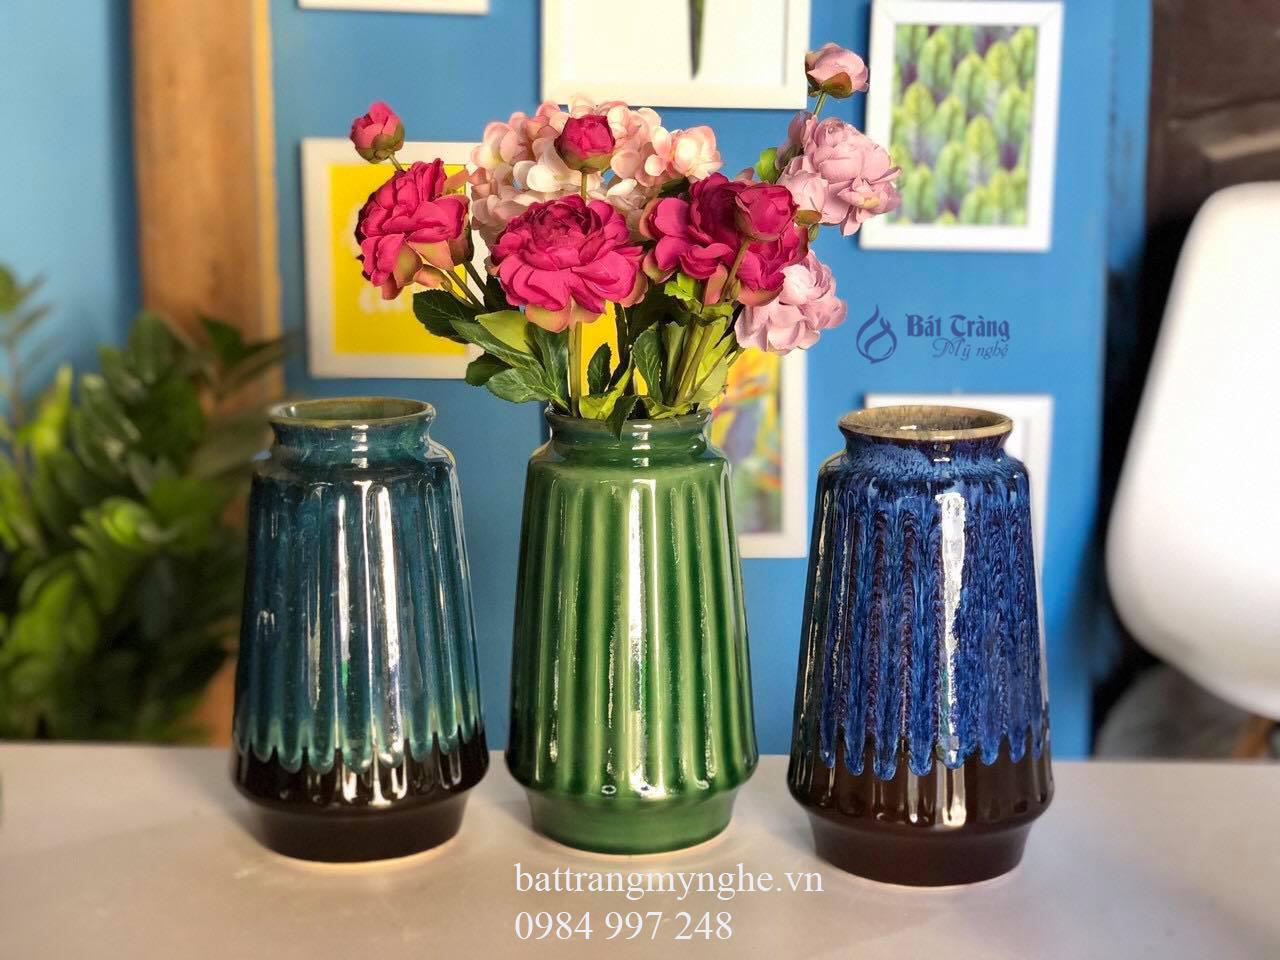 Bộ ba lọ hoa dáng bầu men xanh